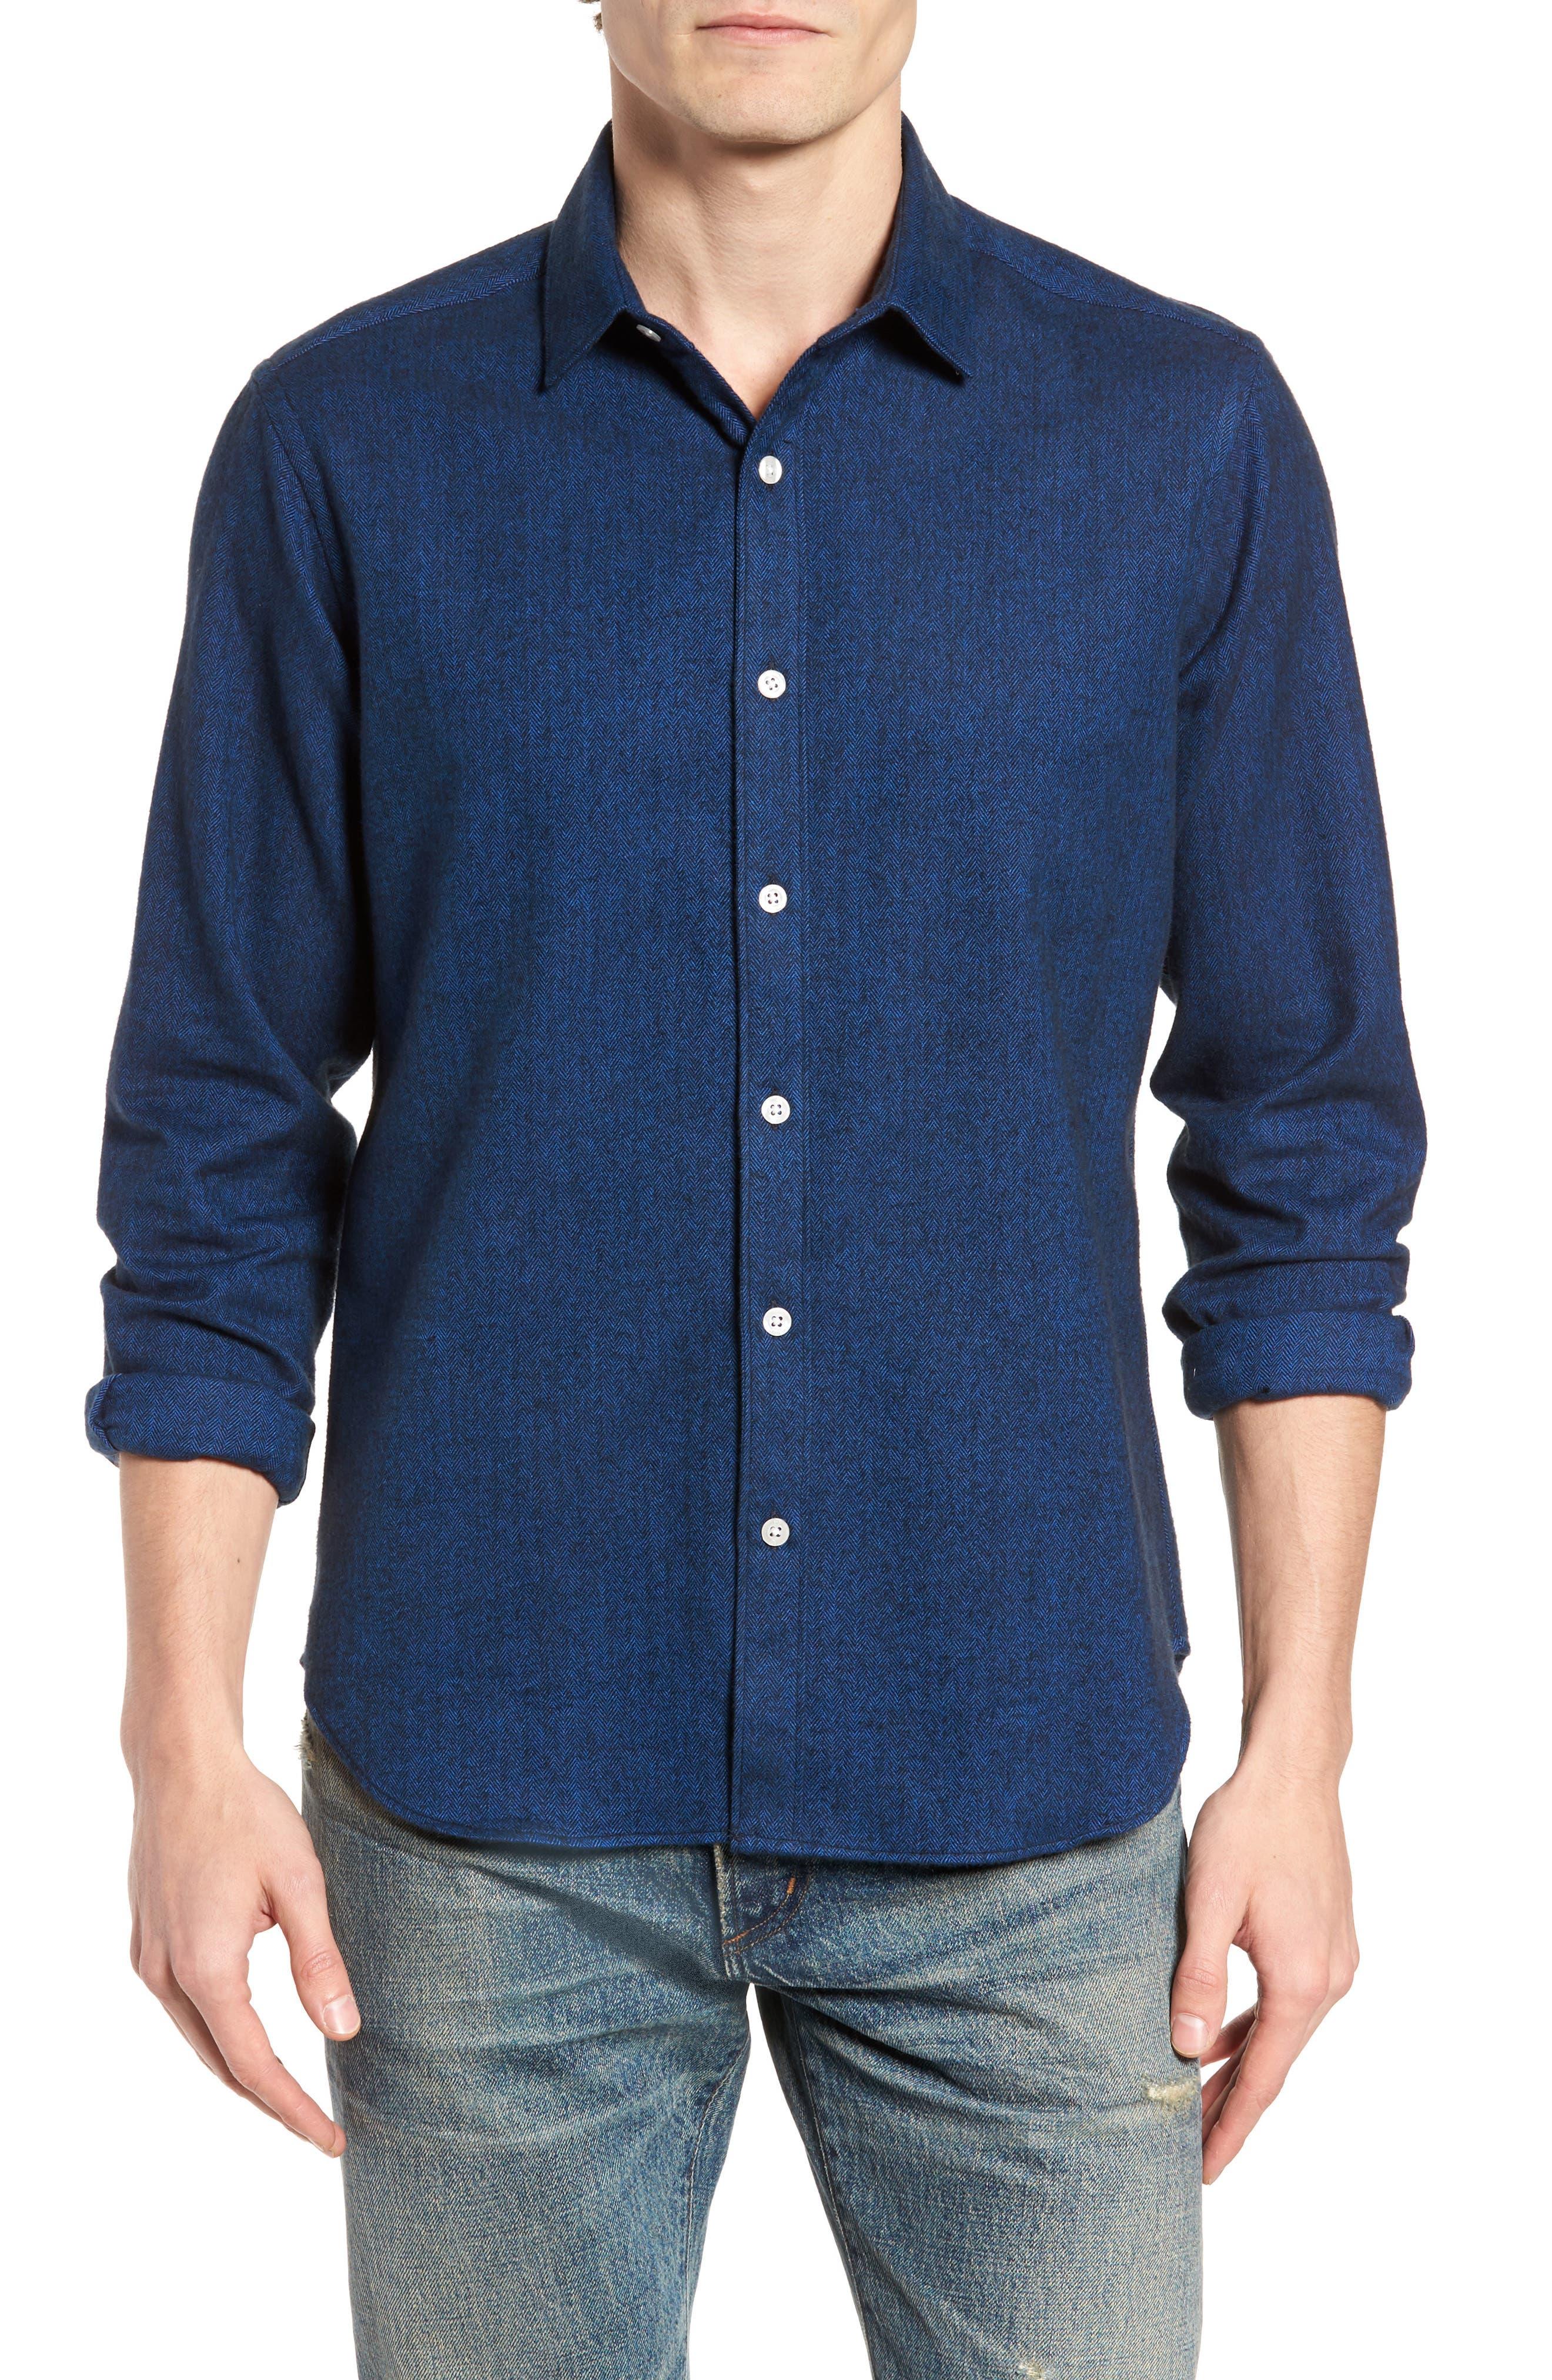 Grafton Slim Fit Herringbone Sport Shirt,                             Main thumbnail 1, color,                             410